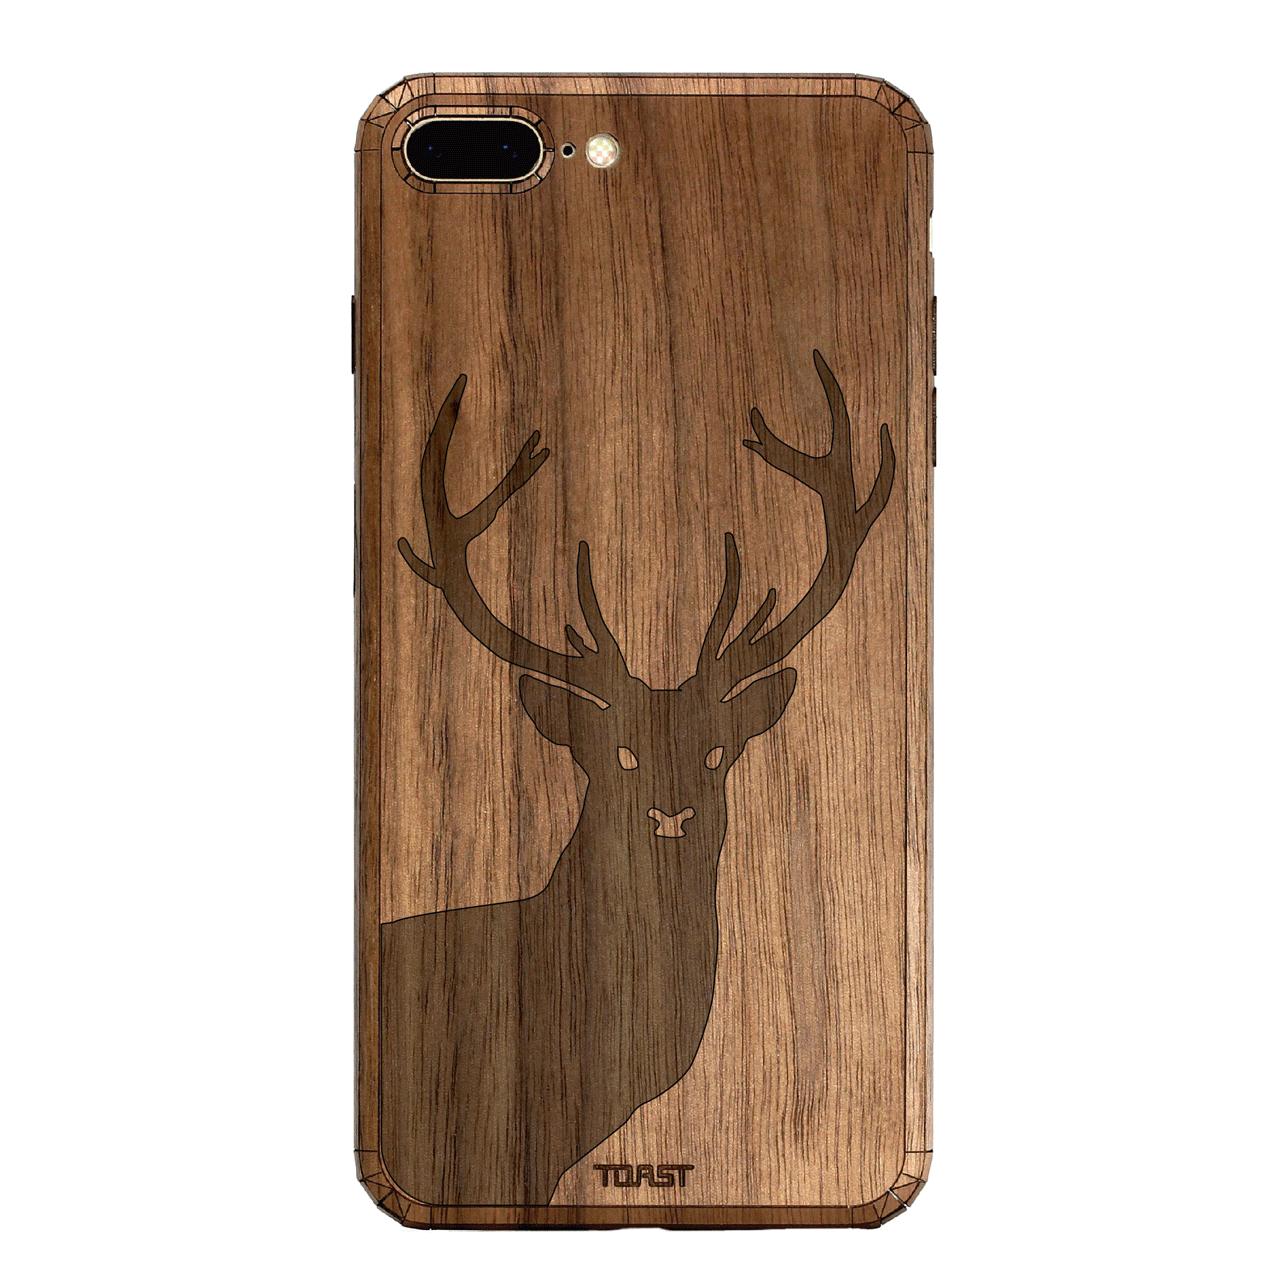 کاور چوبی تست مدل Stage مناسب برای گوشی های موبایل آیفون 7 Plus در رنگ های طلایی و نقره ای و رز گلد